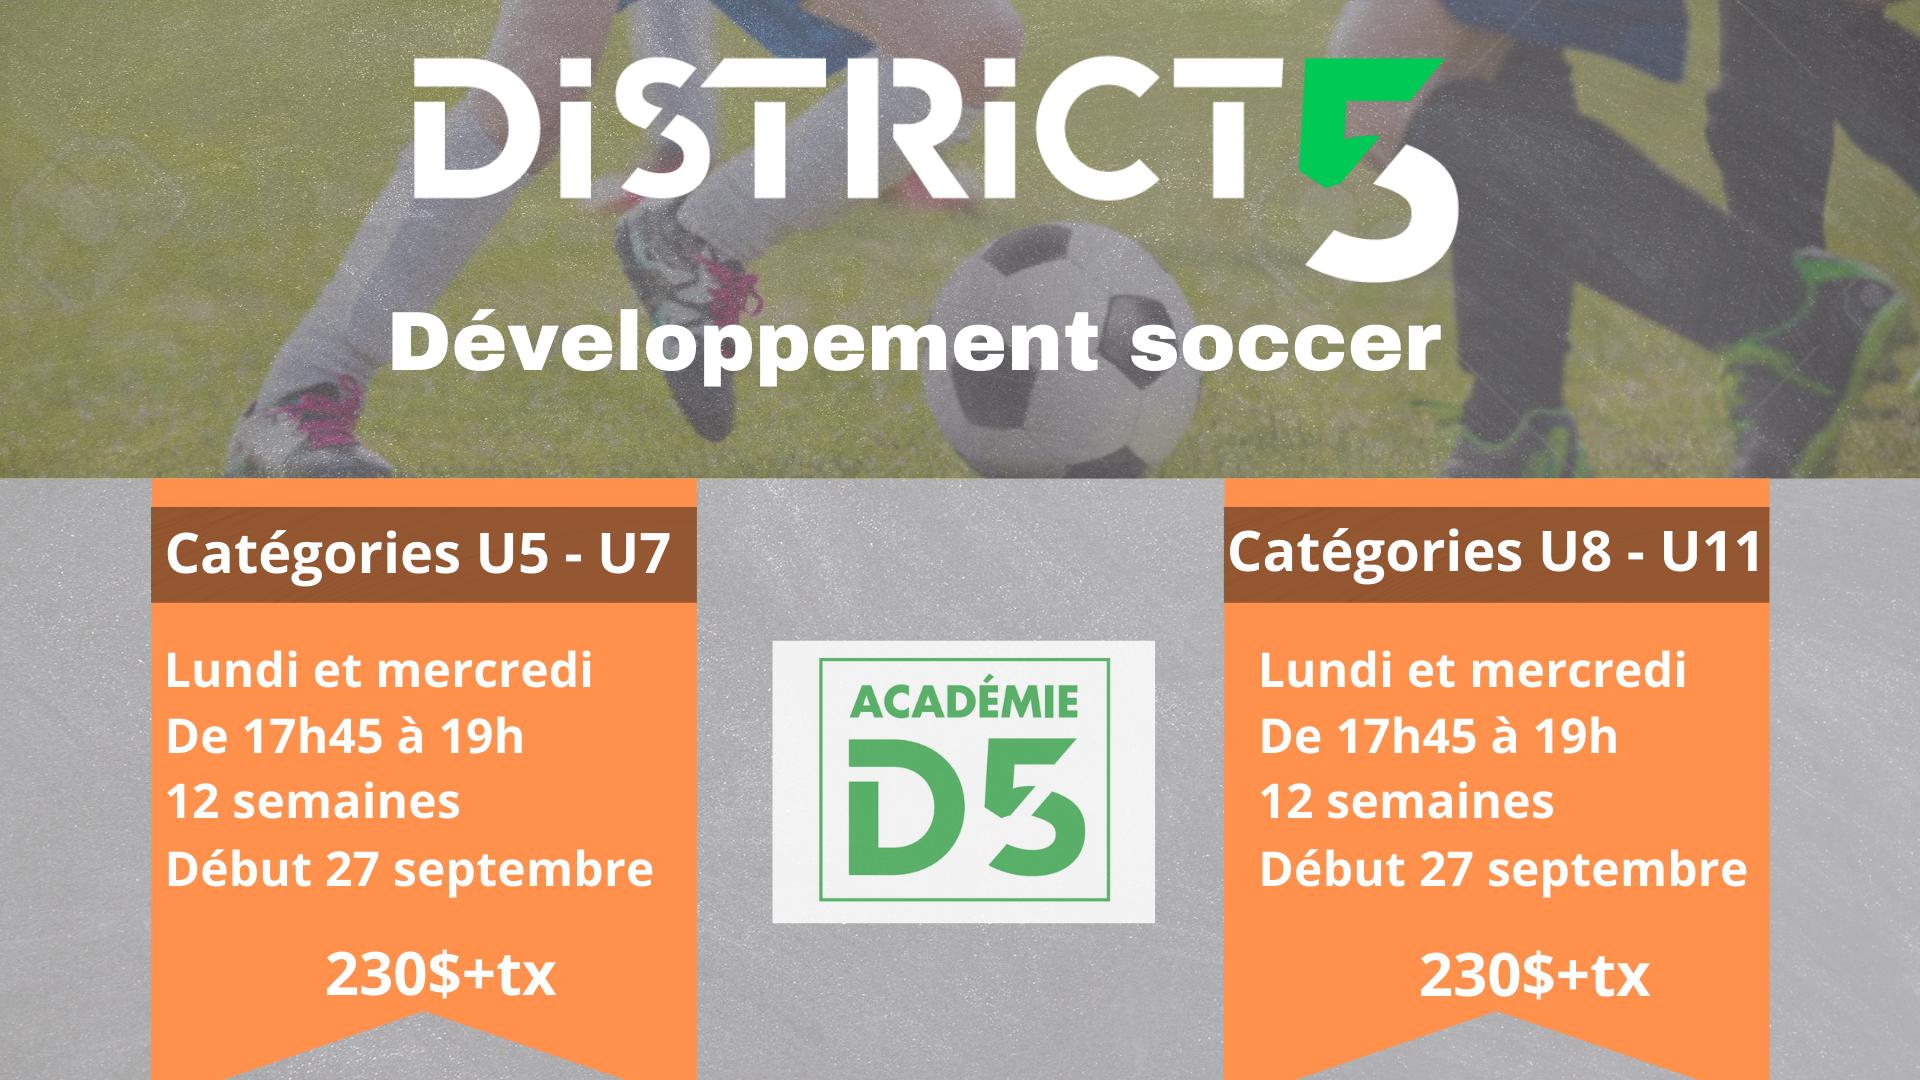 Développement soccer